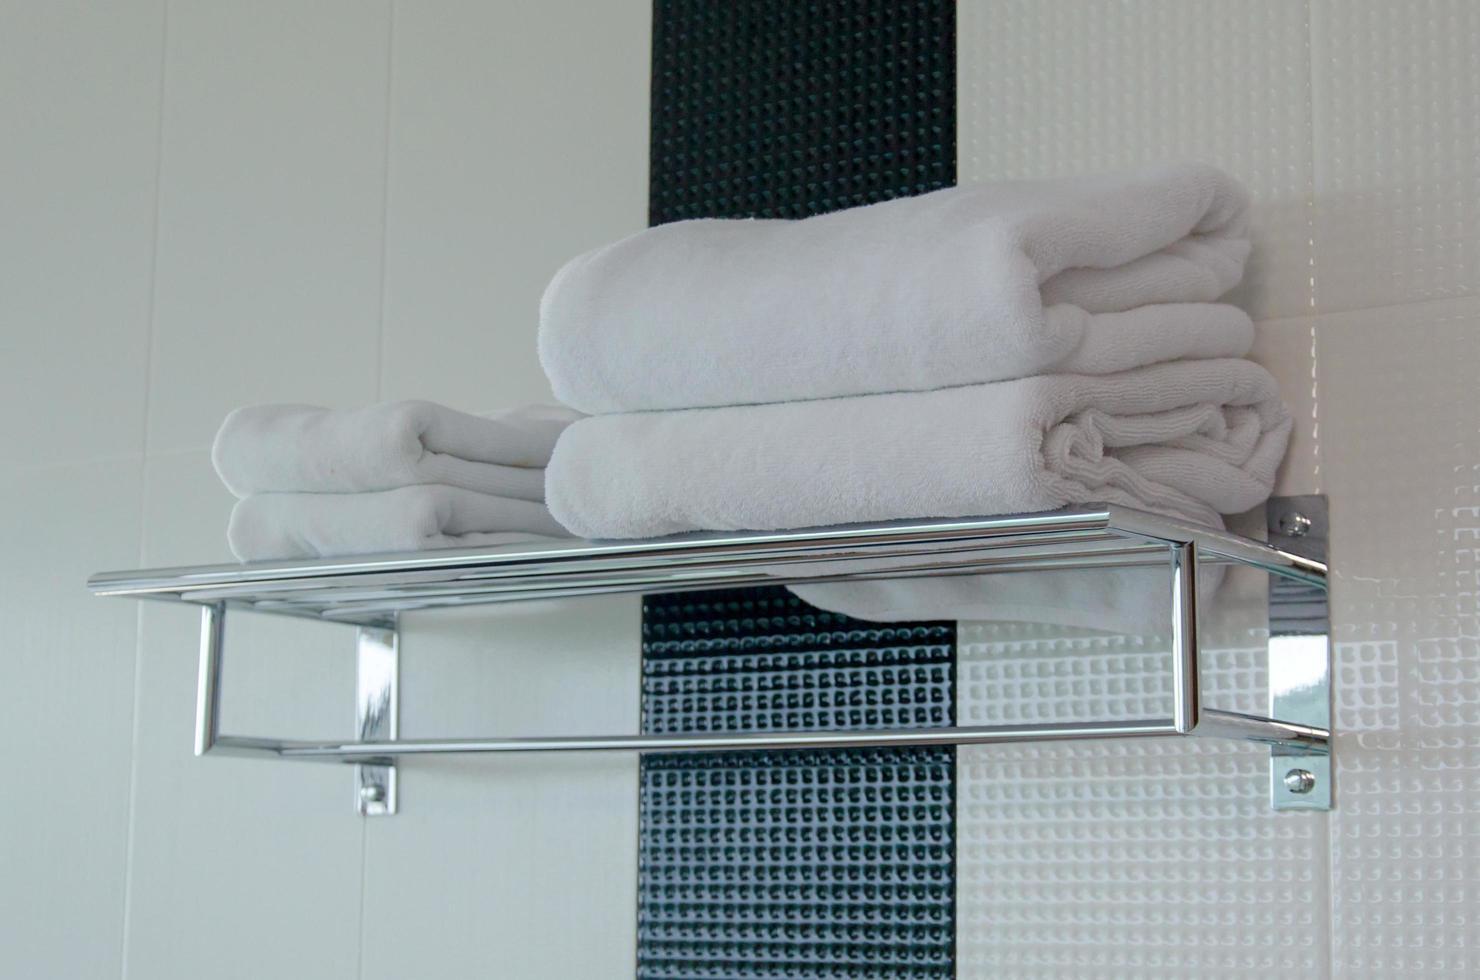 asciugamani bianchi nel bagno dell'hotel foto